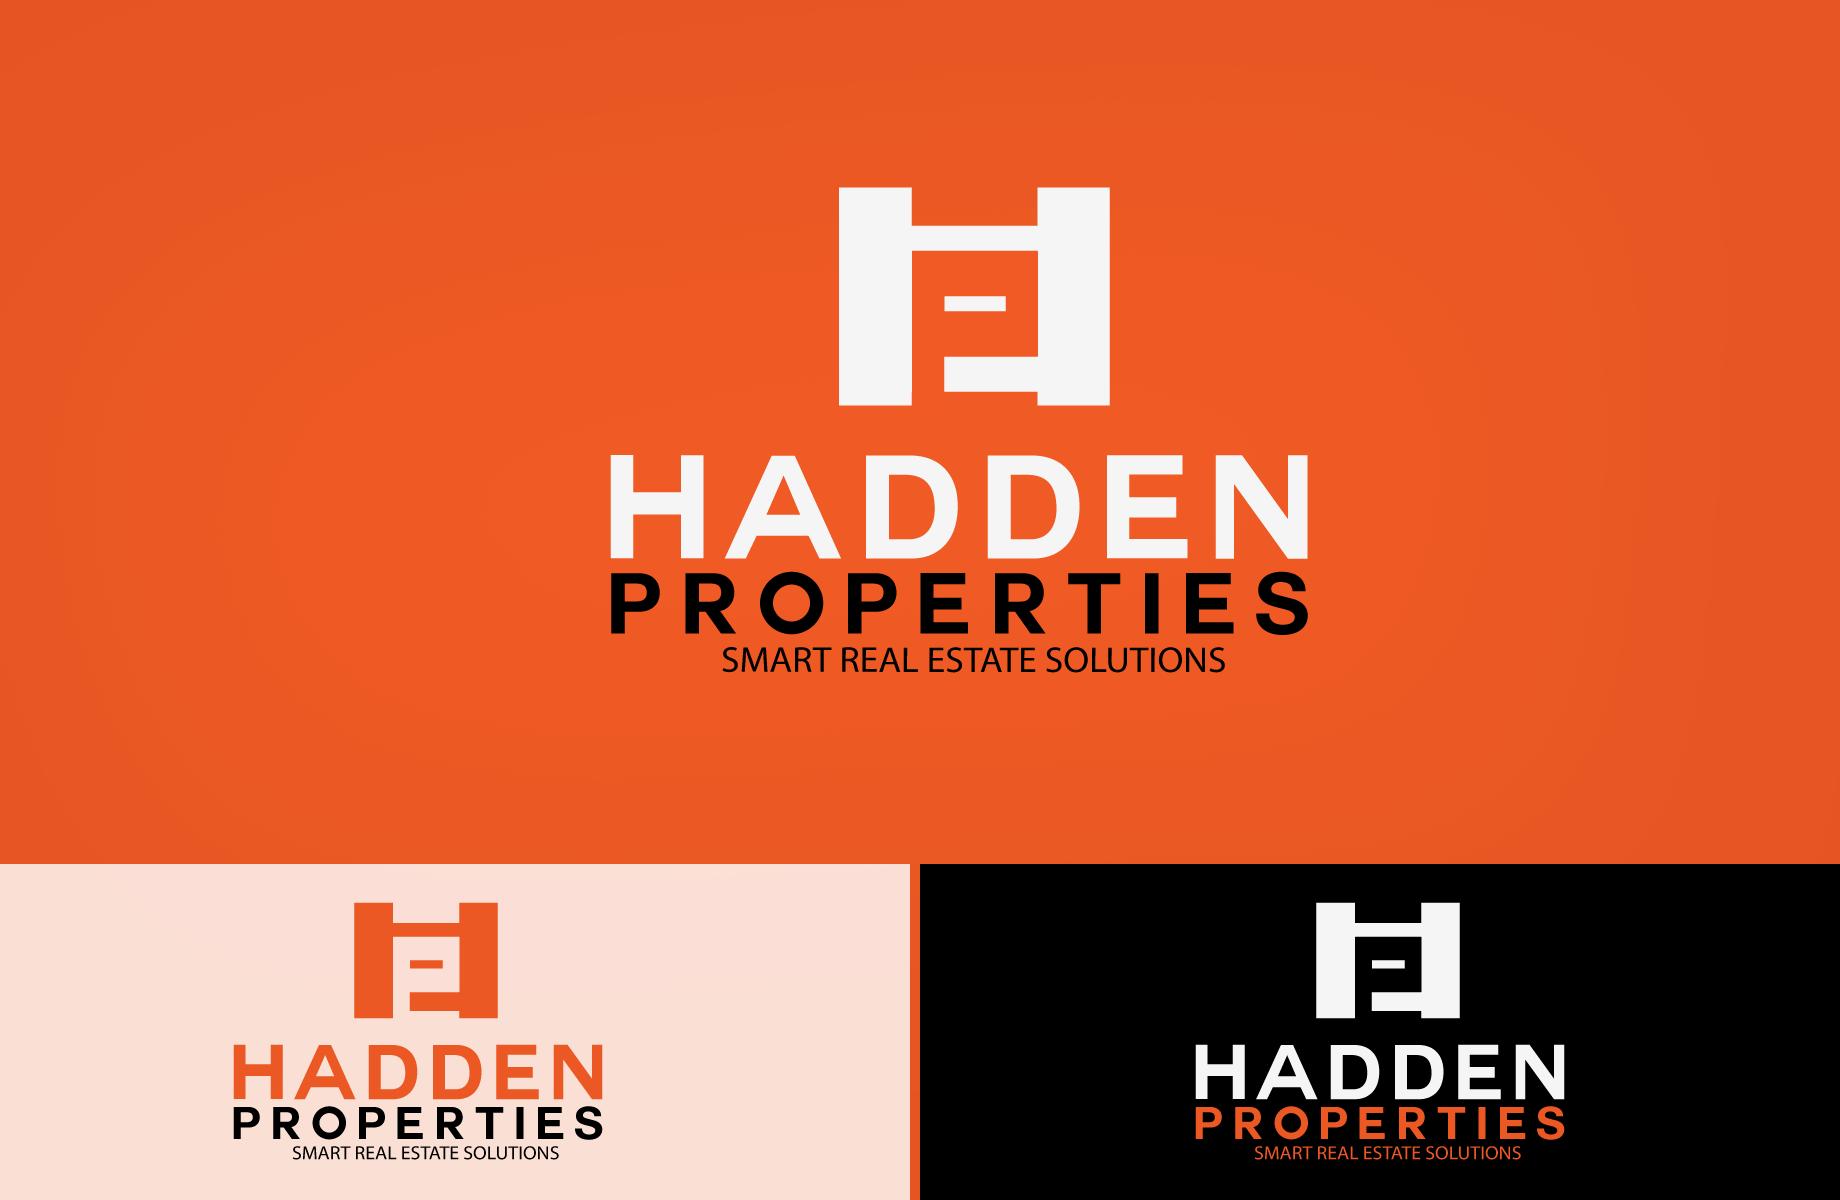 Logo Design by Jan Chua - Entry No. 187 in the Logo Design Contest Artistic Logo Design for Hadden Properties.